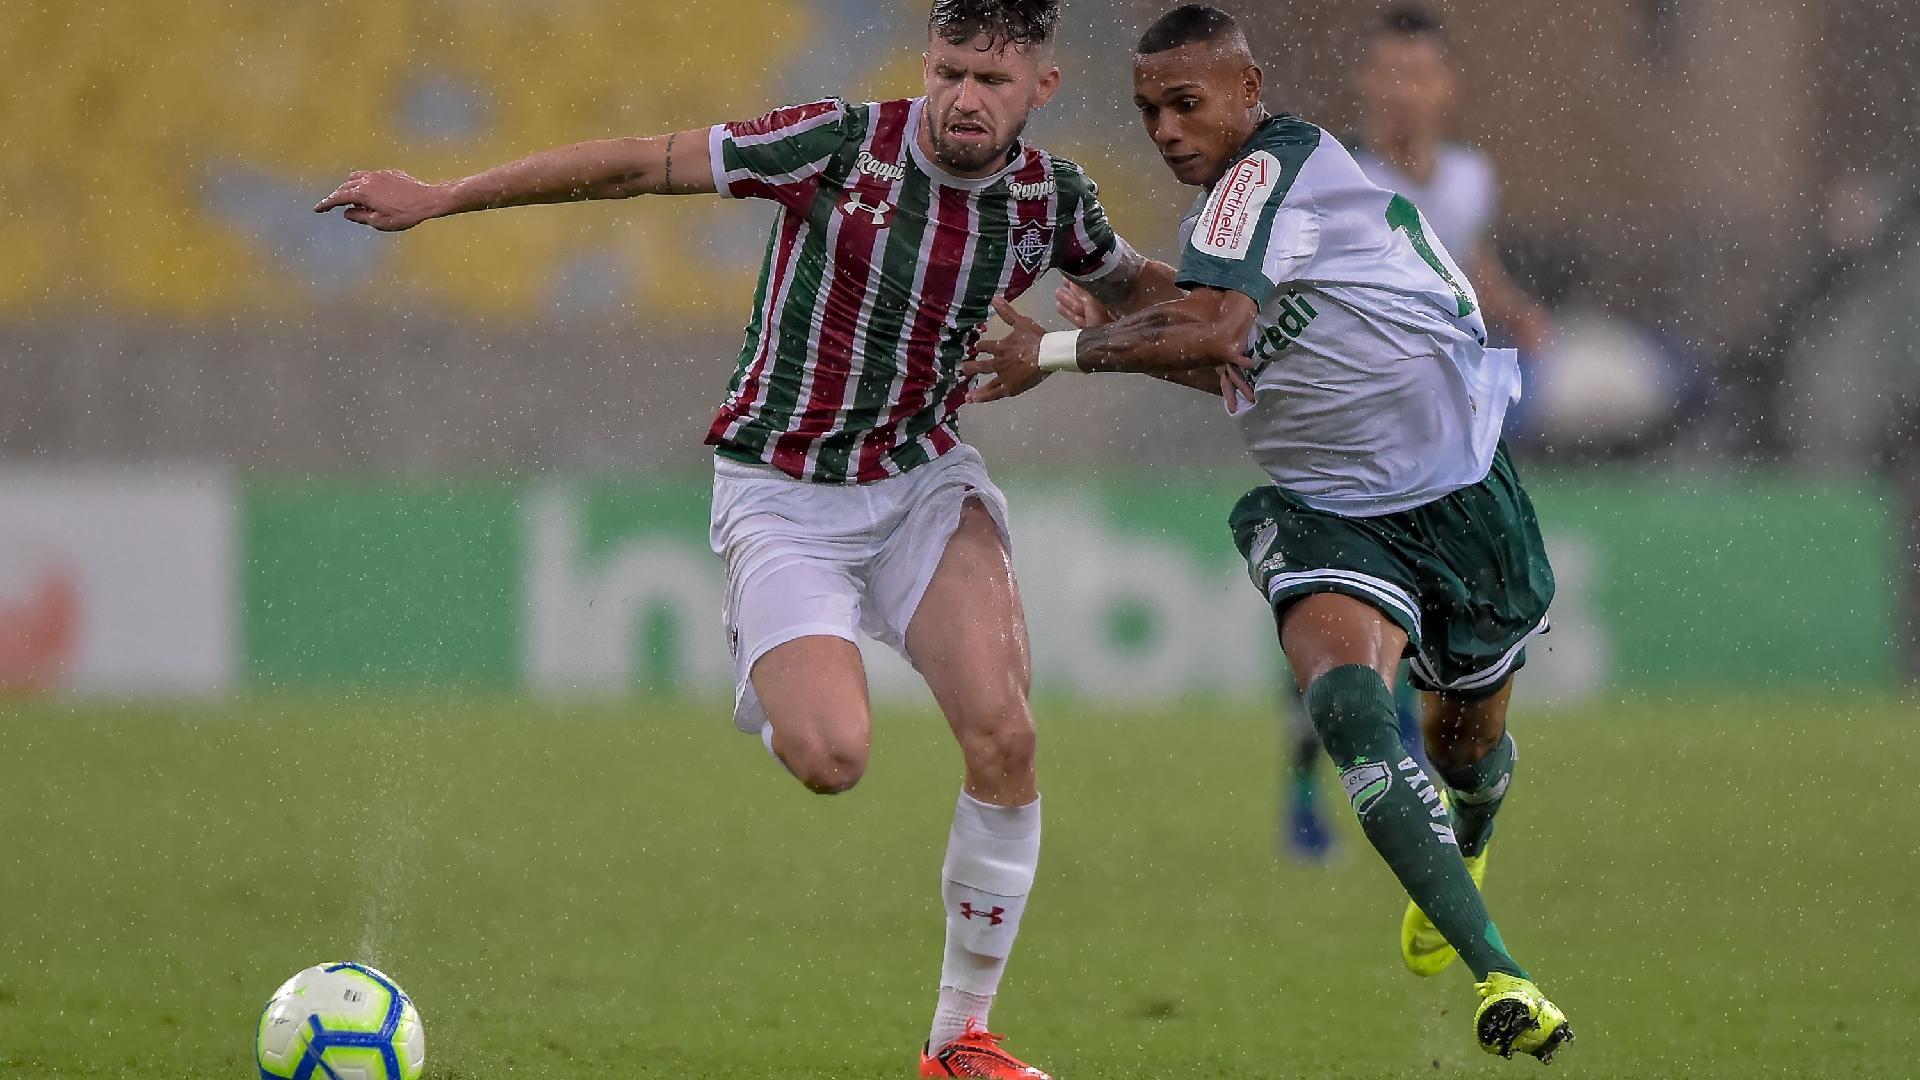 Caio Henrique, do Fluminense, disputa lance com jogador do Luverdense durante partida pela Copa do Brasil 2019